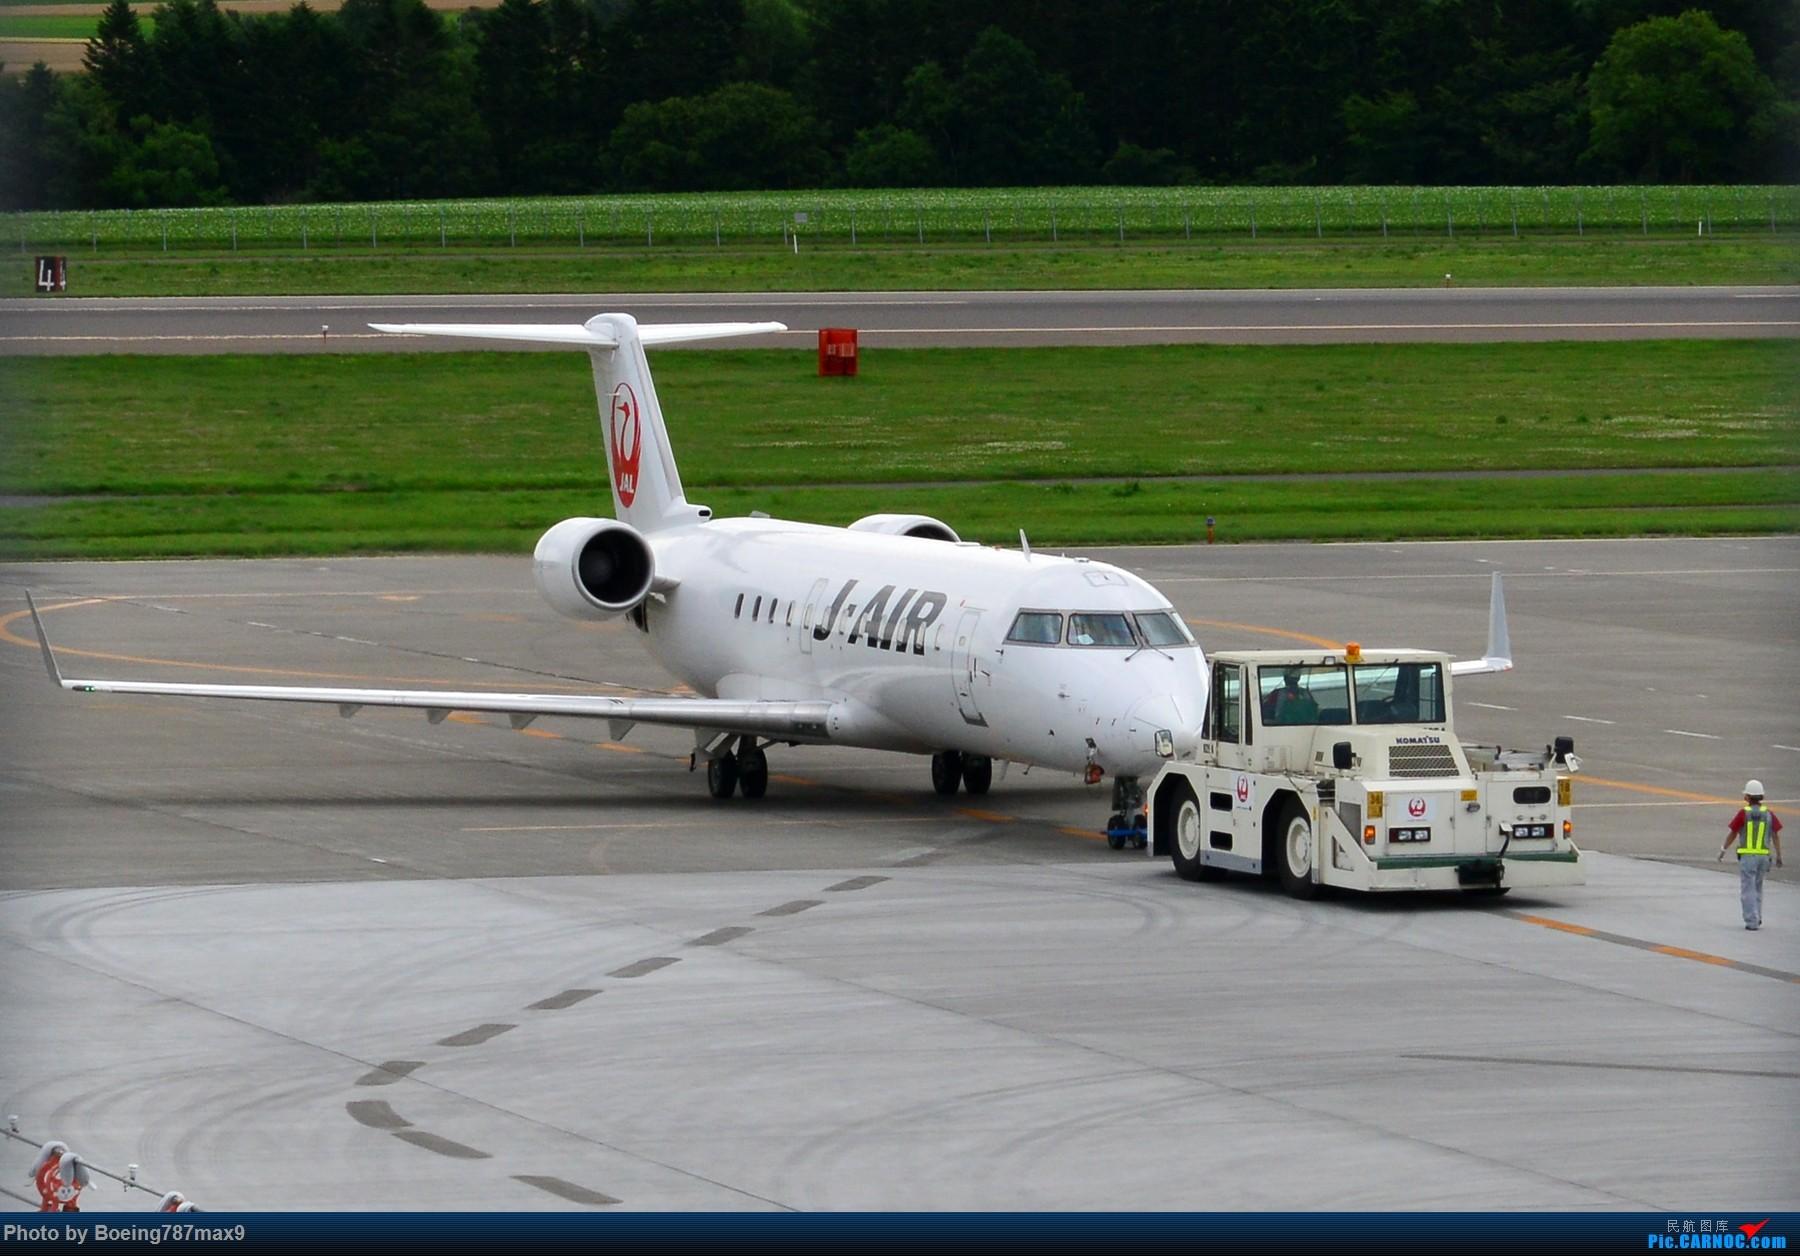 [原创]真是有意思的小飞机J-AIR Bombardier CRJ-200ER BOMBARDIER CRJ200ER JA208J 日本旭川机场